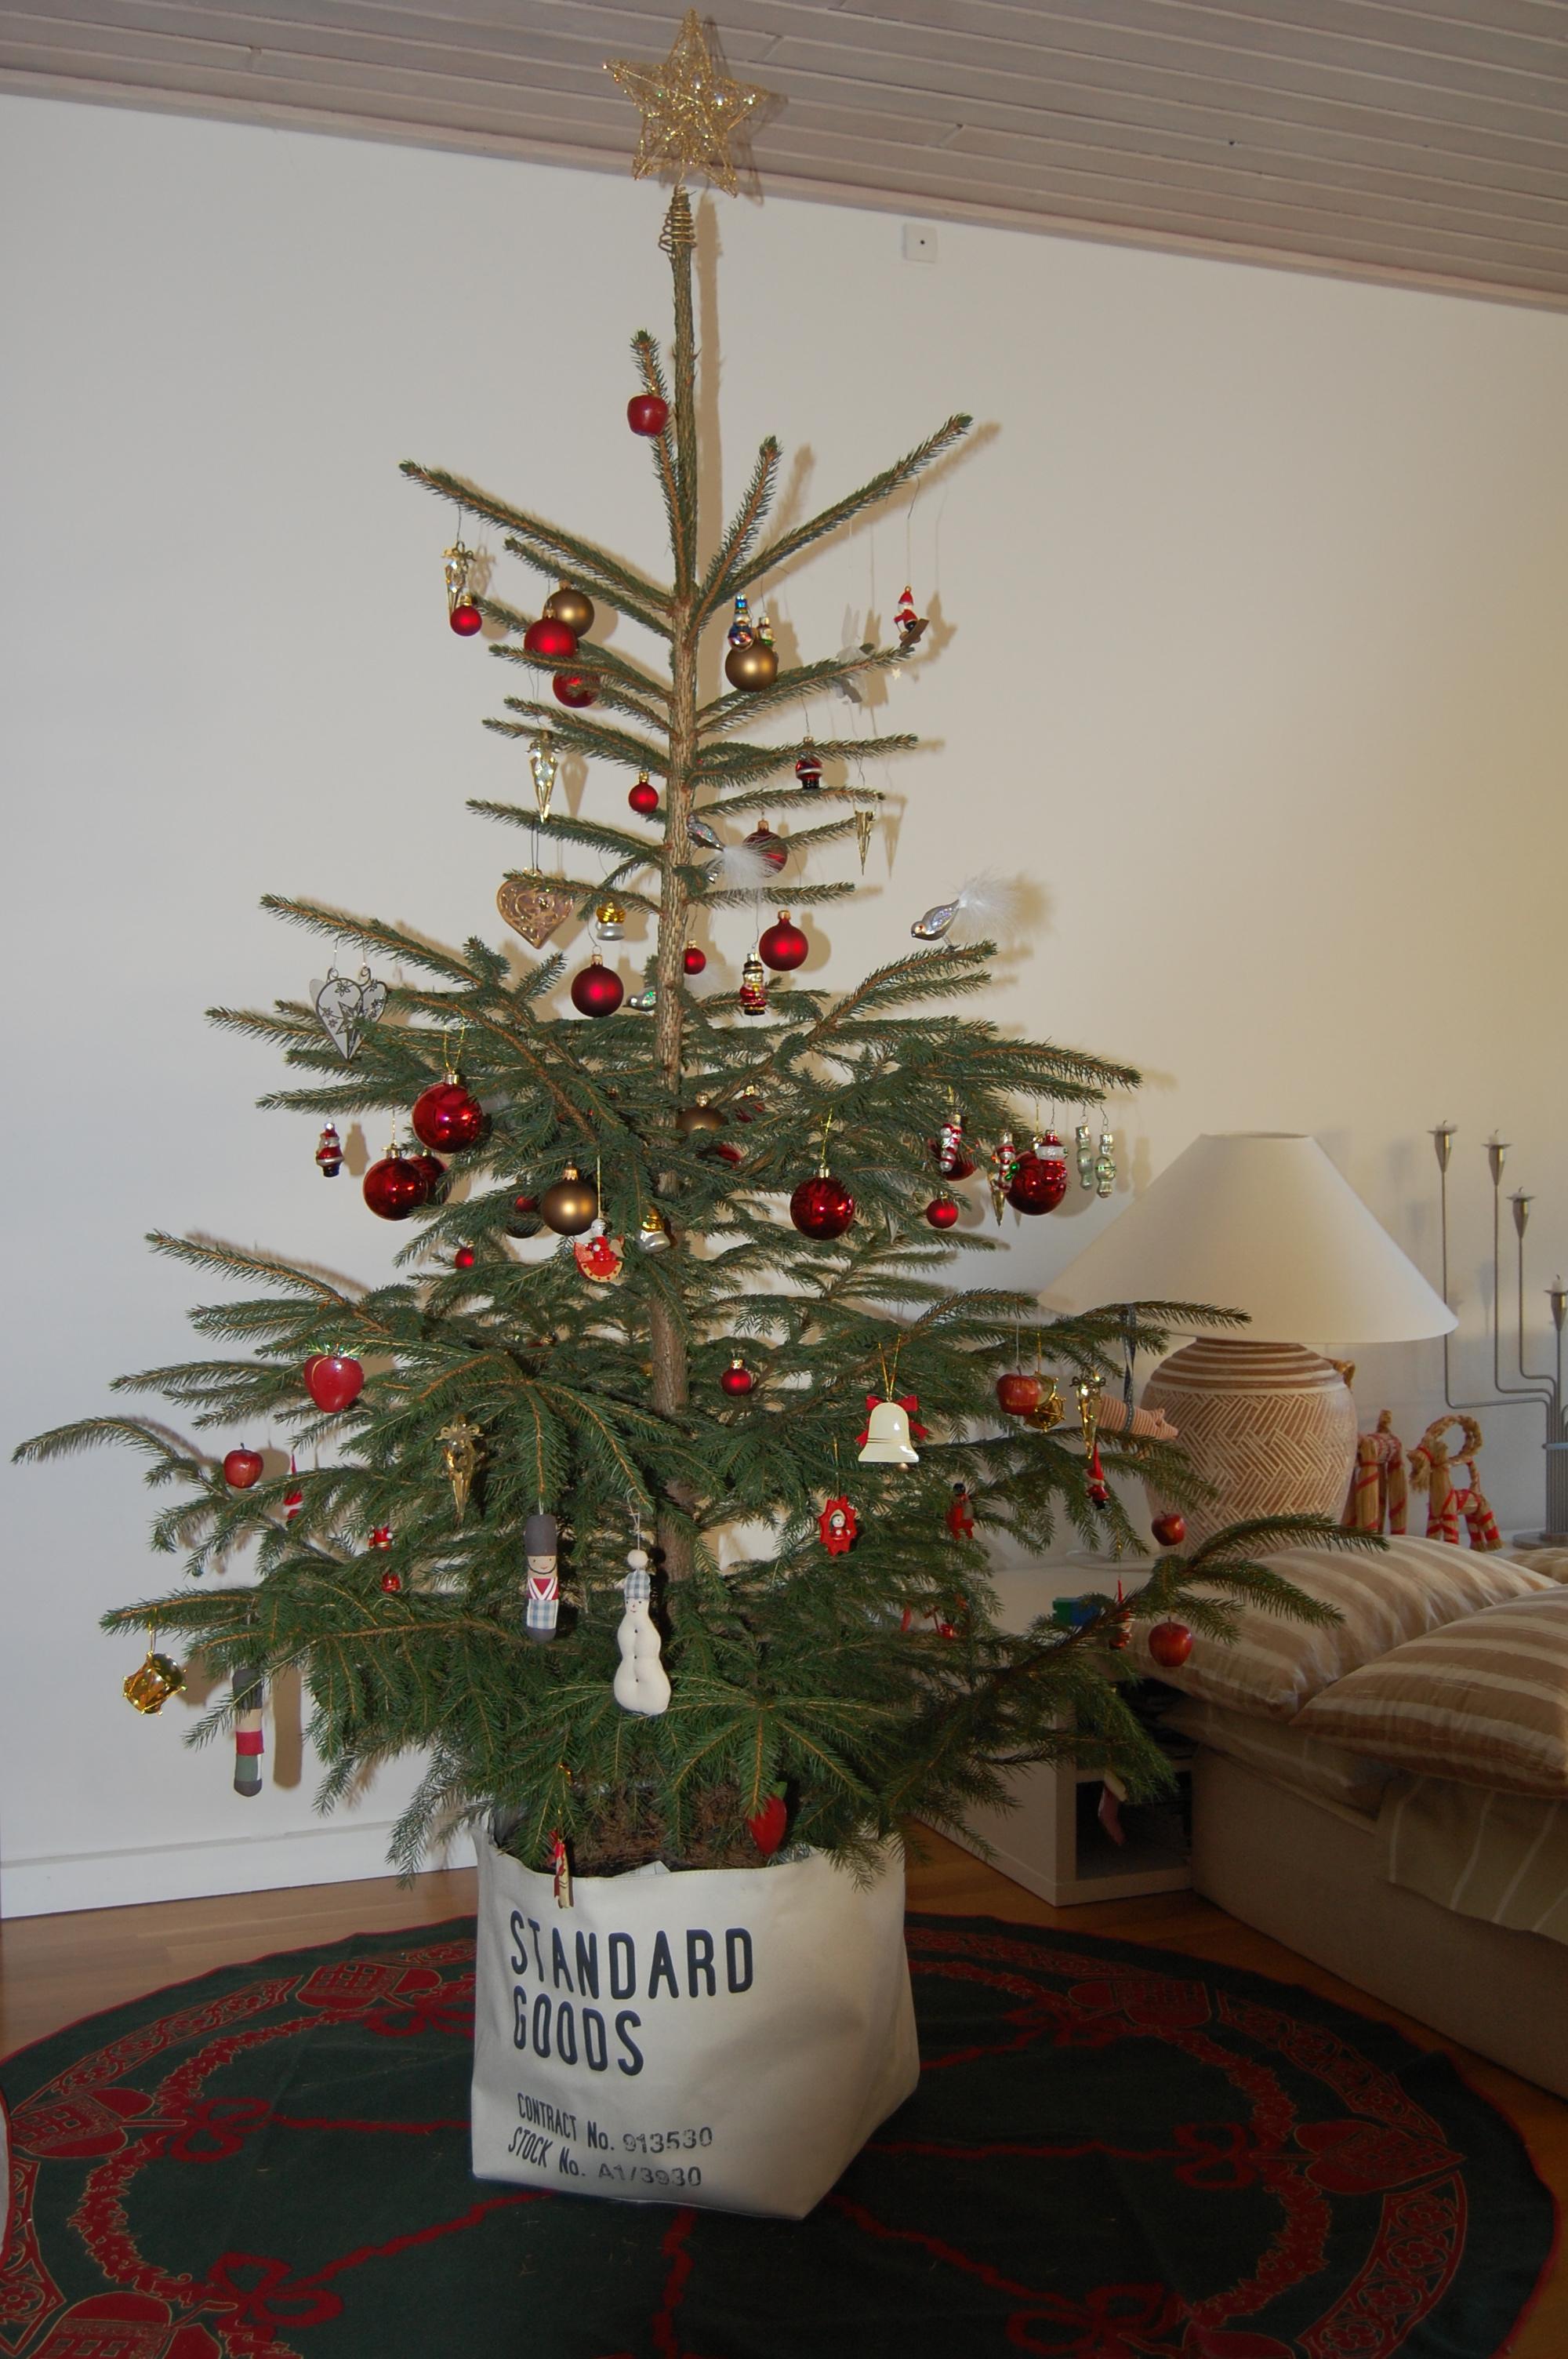 potte juletræ